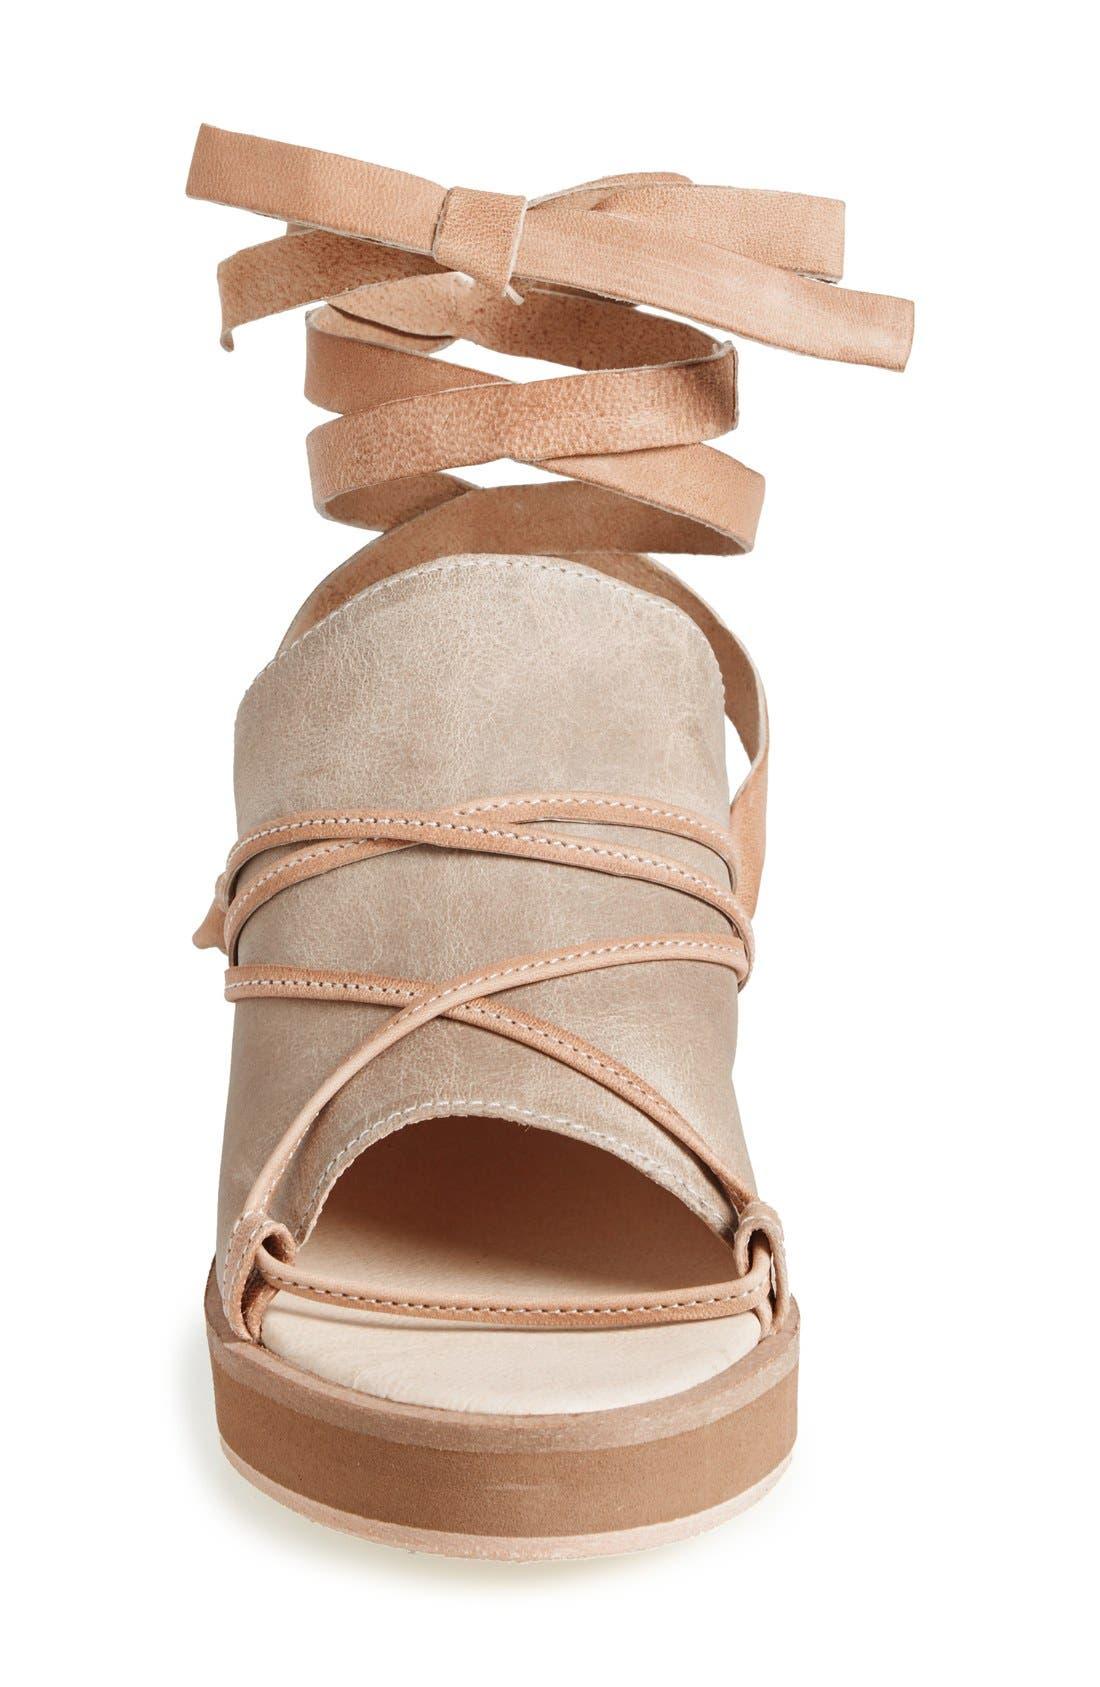 Alternate Image 3  - Free People 'Bowery' Ankle Tie Wedge Sandal